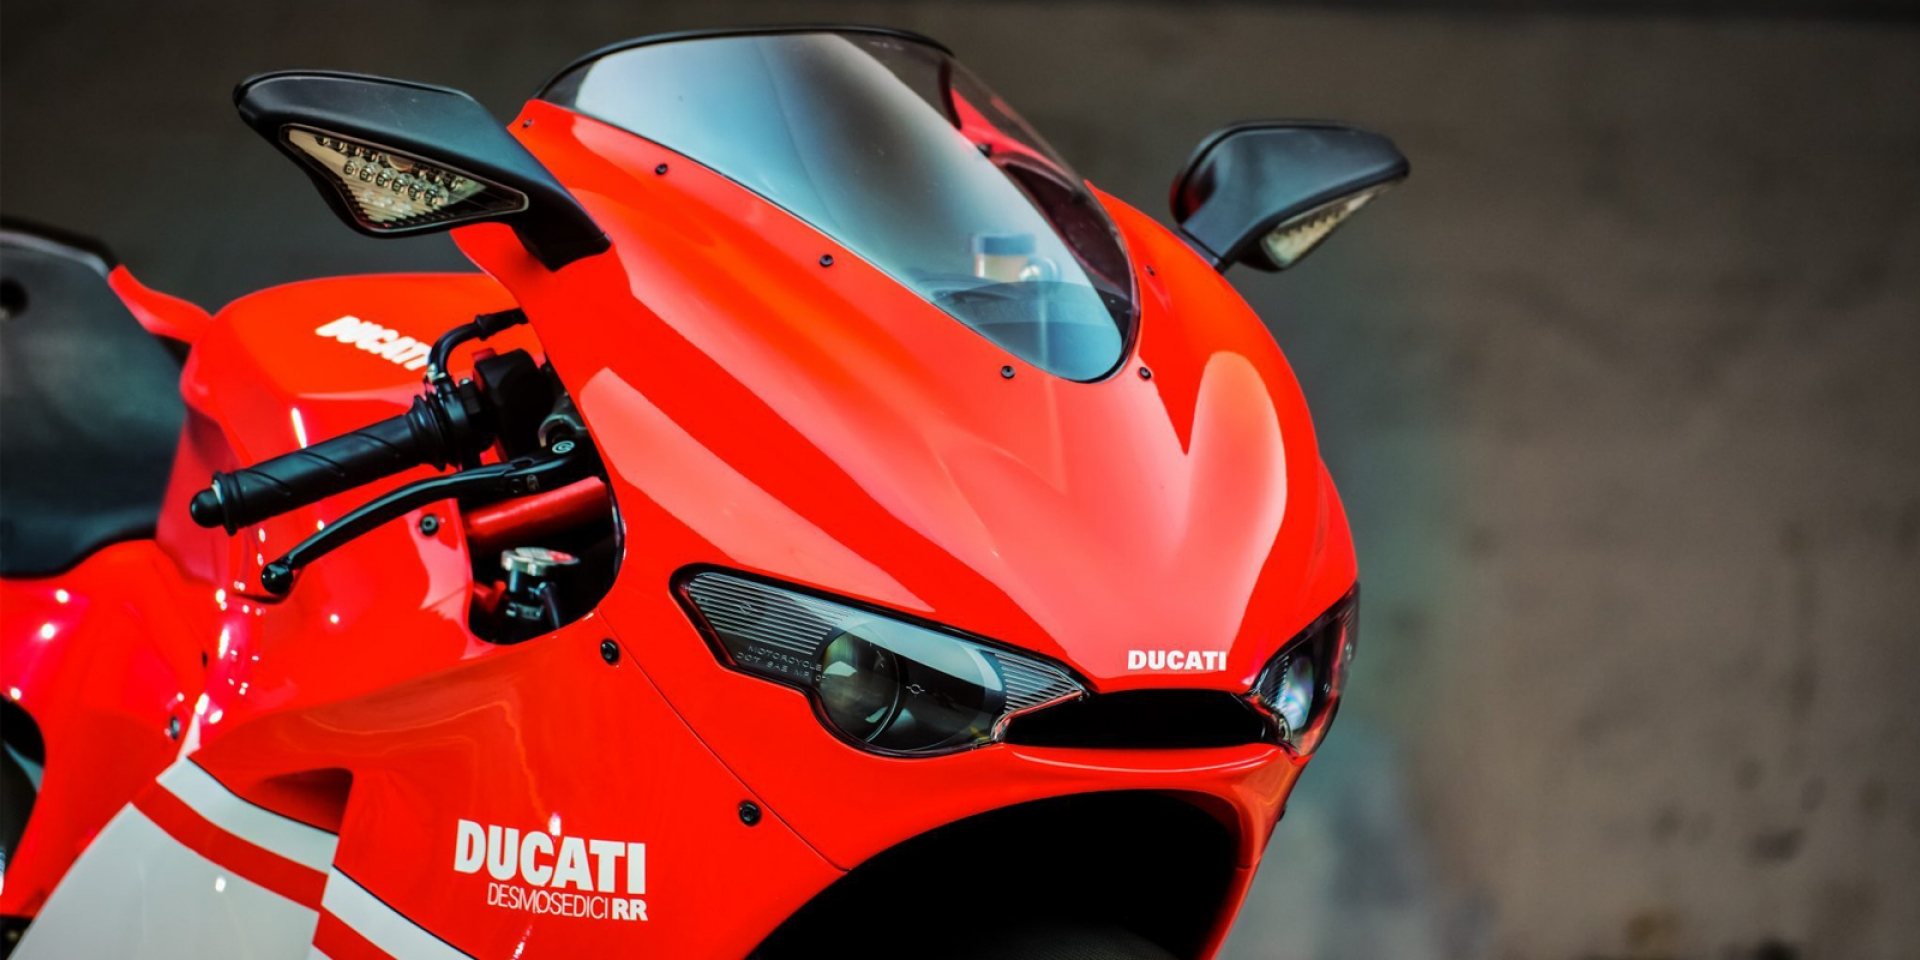 比V4R還划算!Ducati Desmosedici RR,低里程市售GP廠車競標中